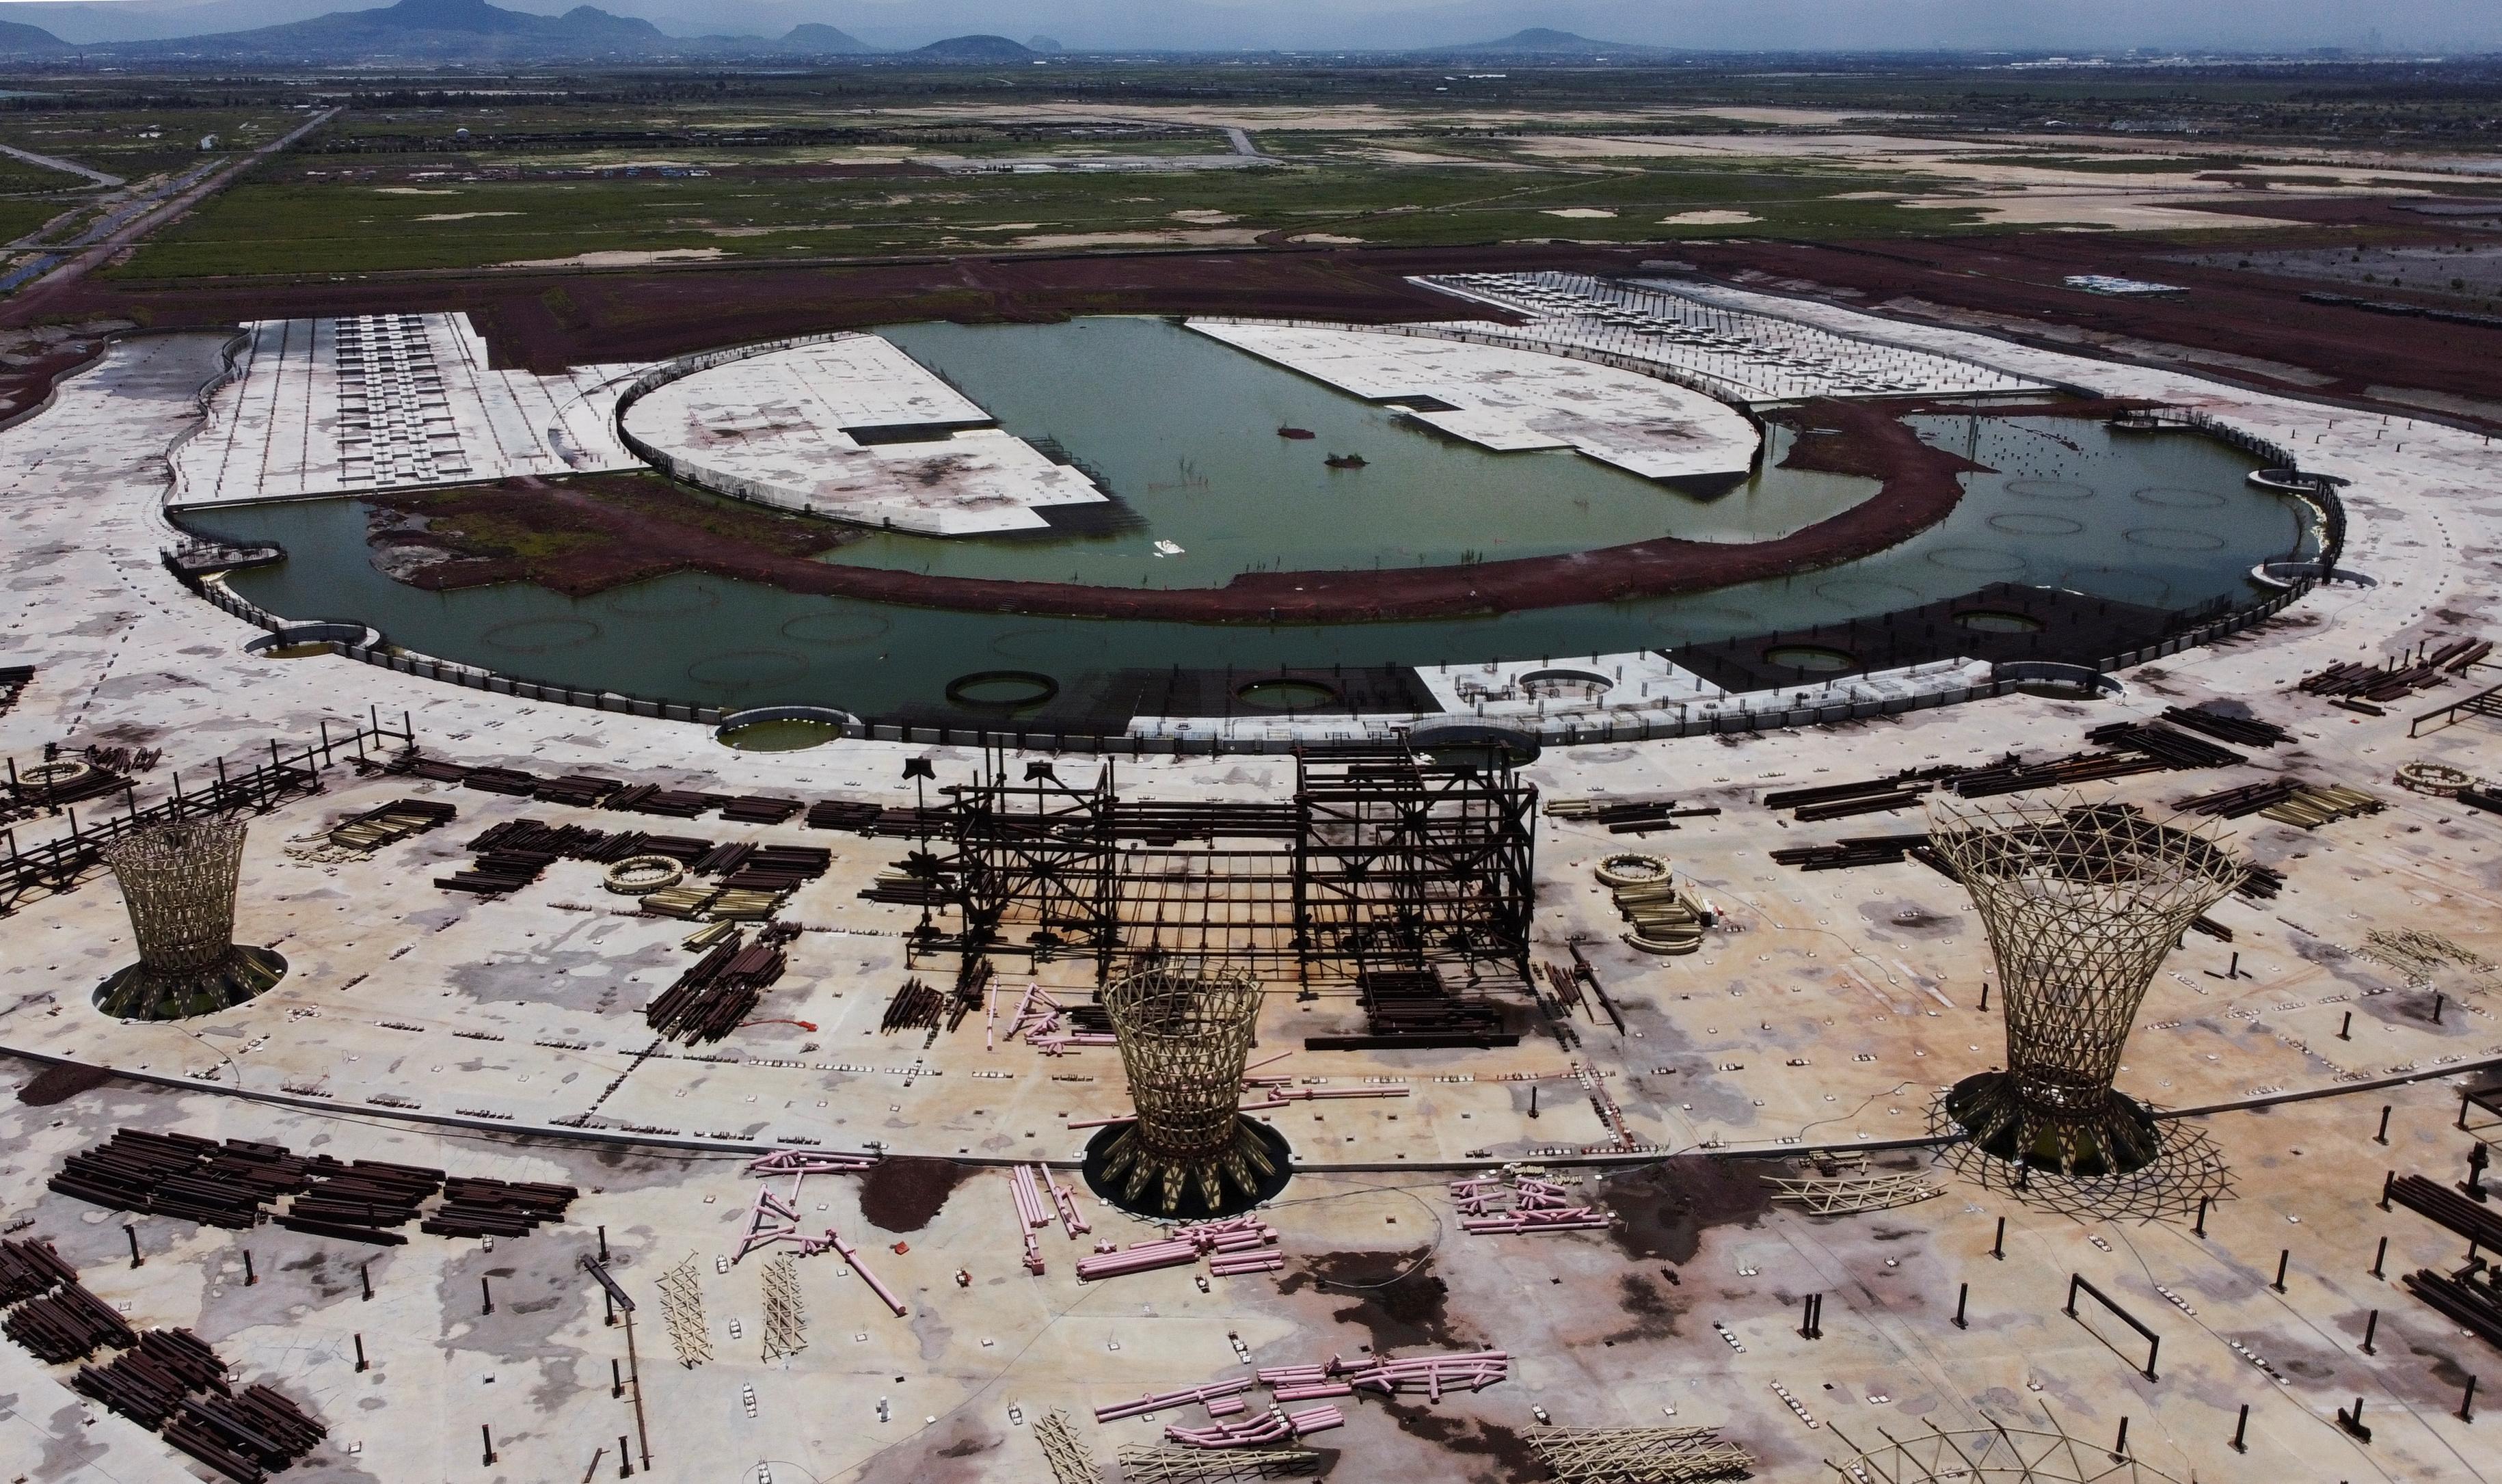 El proyecto de conservación ha sido aclamado por López Obrador como una